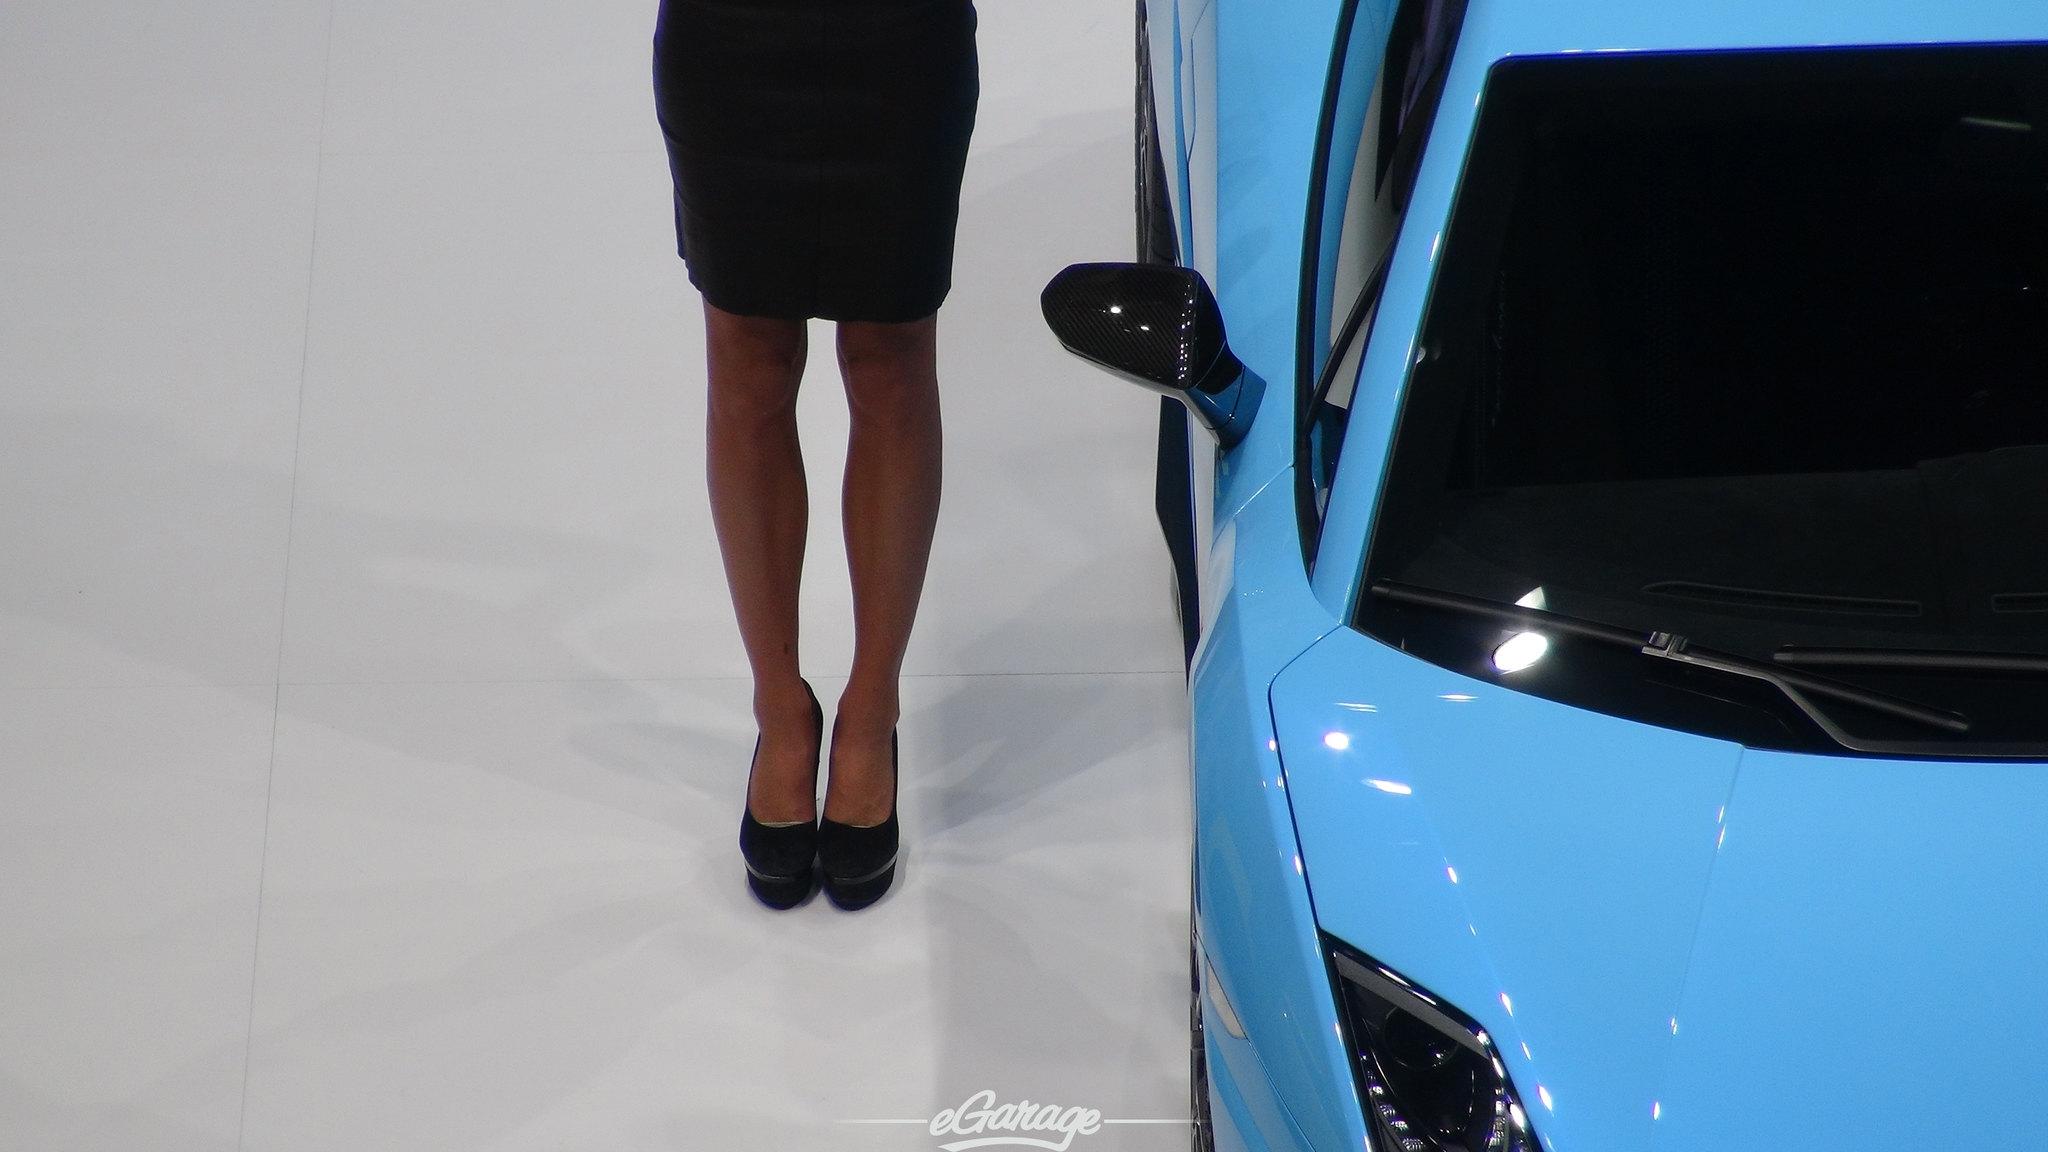 8034743890 192185c542 k 2012 Paris Motor Show